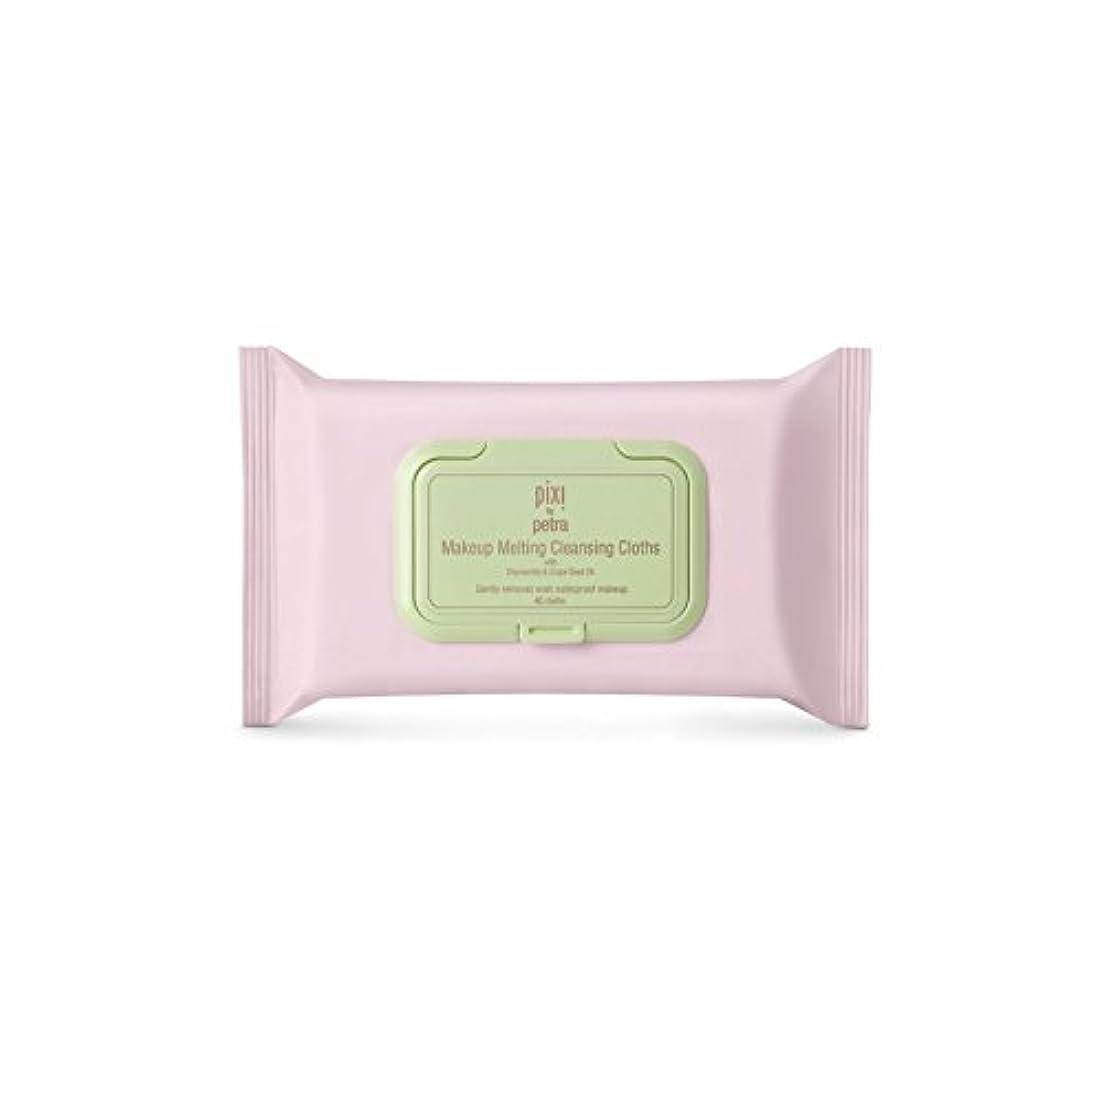 起点アラビア語ワイプPixi Makeup Melting Cleansing Cloths (Pack of 6) - 化粧溶融クレンジングクロス x6 [並行輸入品]